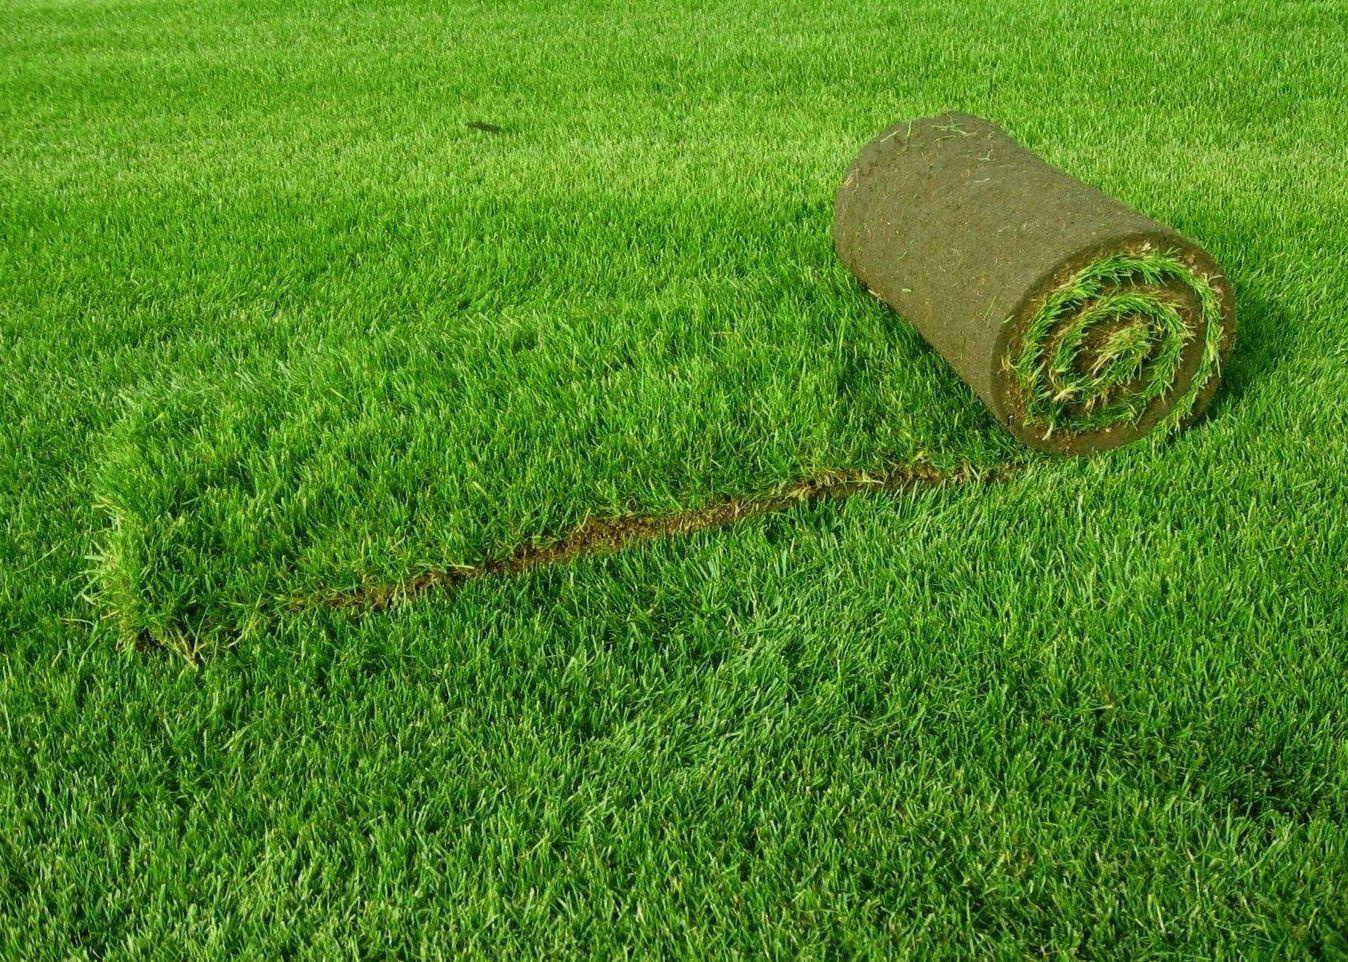 Зеленый ковер - один из видов газона